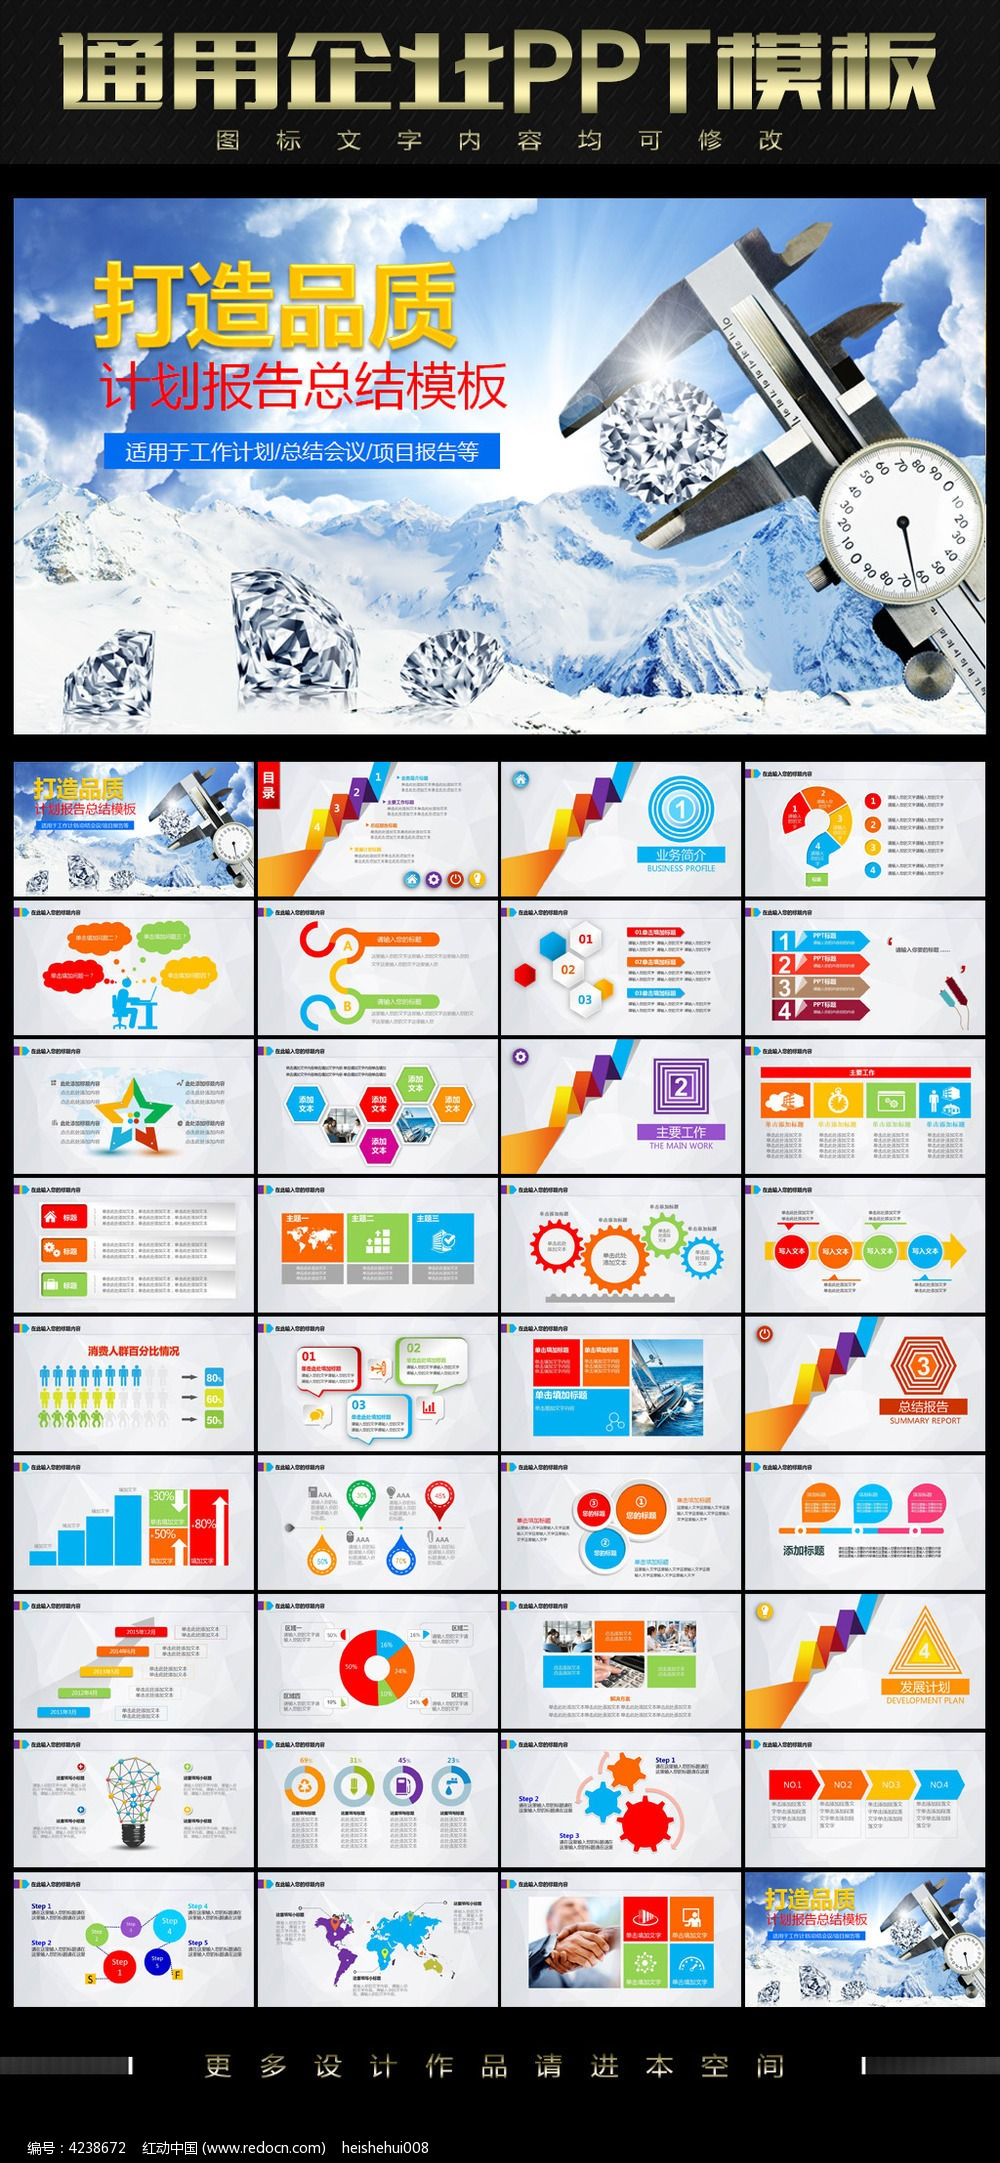 素材描述:红动网提供工业生产ppt精品原创素材下载,您当前访问作品主题是打造品质企业文化宣传ppt模板,编号是4238672,文件格式是pptx,建议使用PowerPoint 2016及以上版本打开文件,您下载的是一个压缩包文件,请解压后再使用设计软件打开,色彩模式是RGB,,素材大小 是9.24 MB。